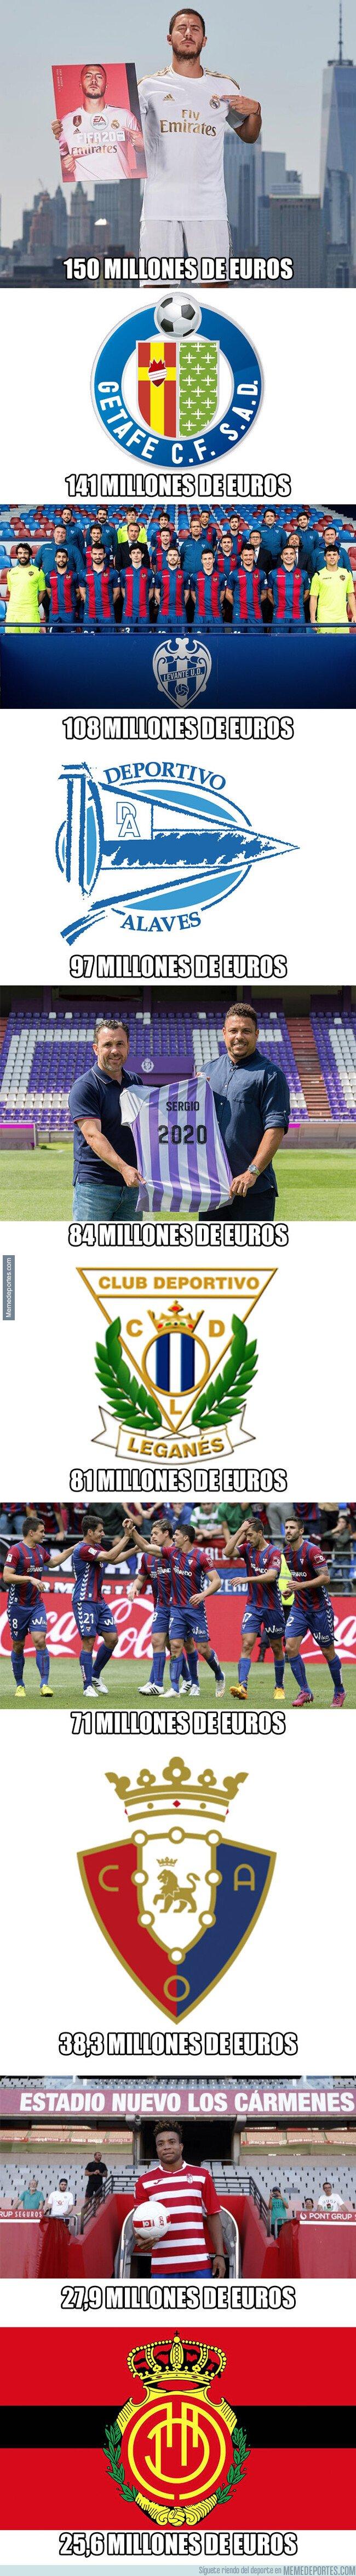 1083419 - Los 9 equipos de LaLiga que cuestan menos dinero que Eden Hazard